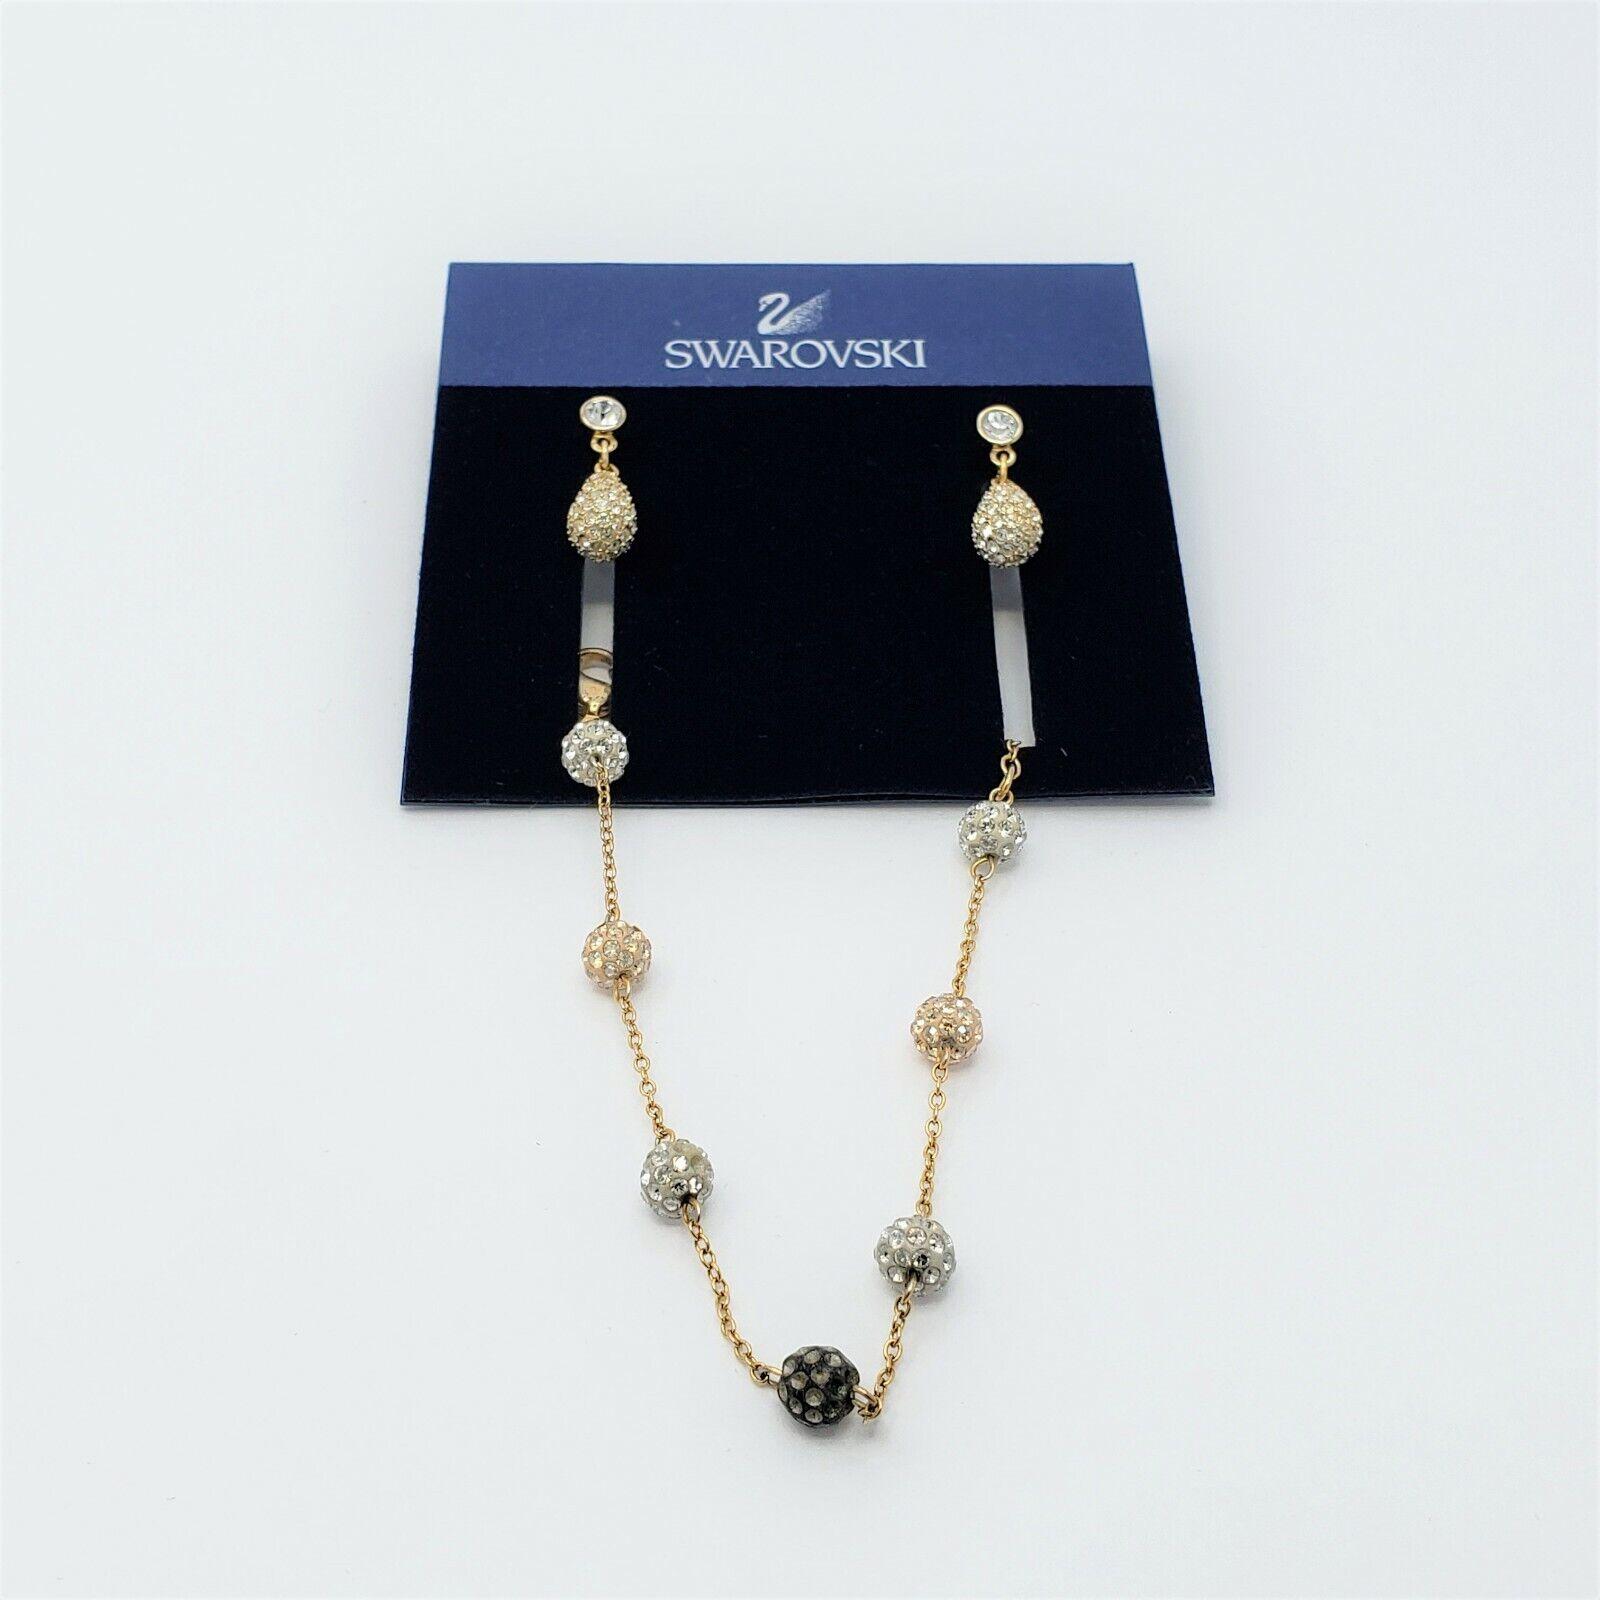 Swarovski Gold Tone Clear Crystal Pear Tear Drop Pierced Earrings And Bracelet